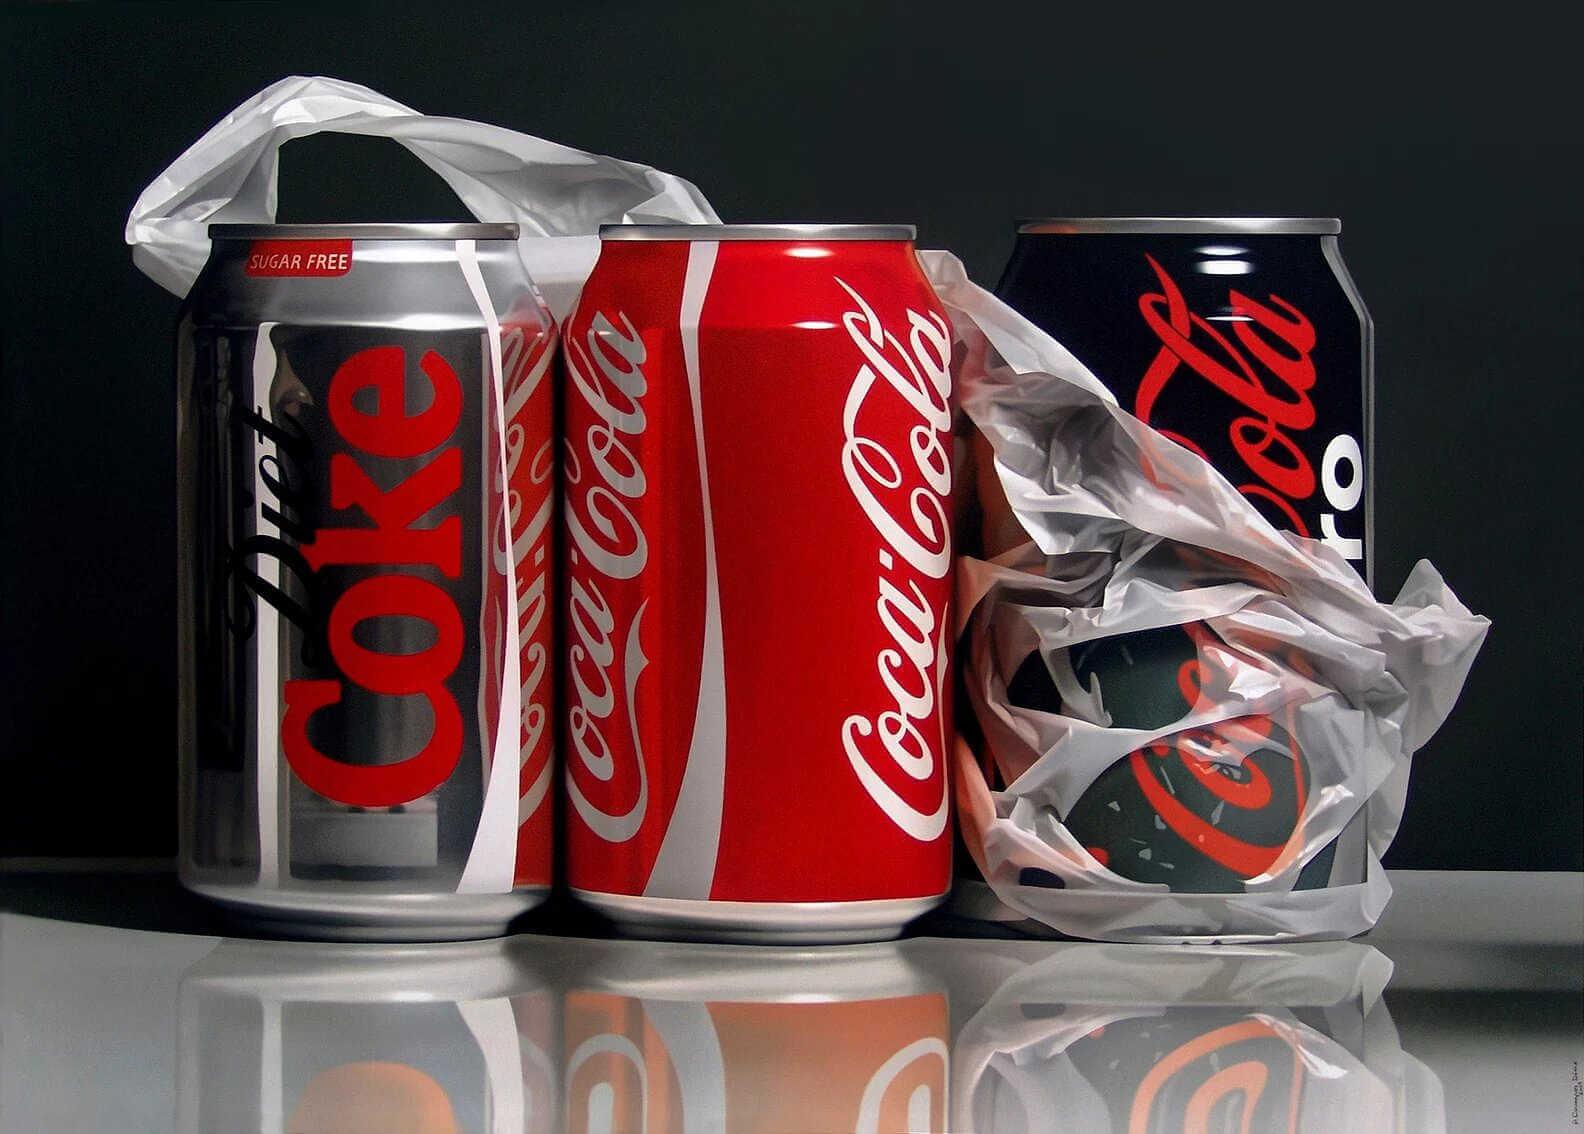 Pintura hiperrealista de latas de coca cola